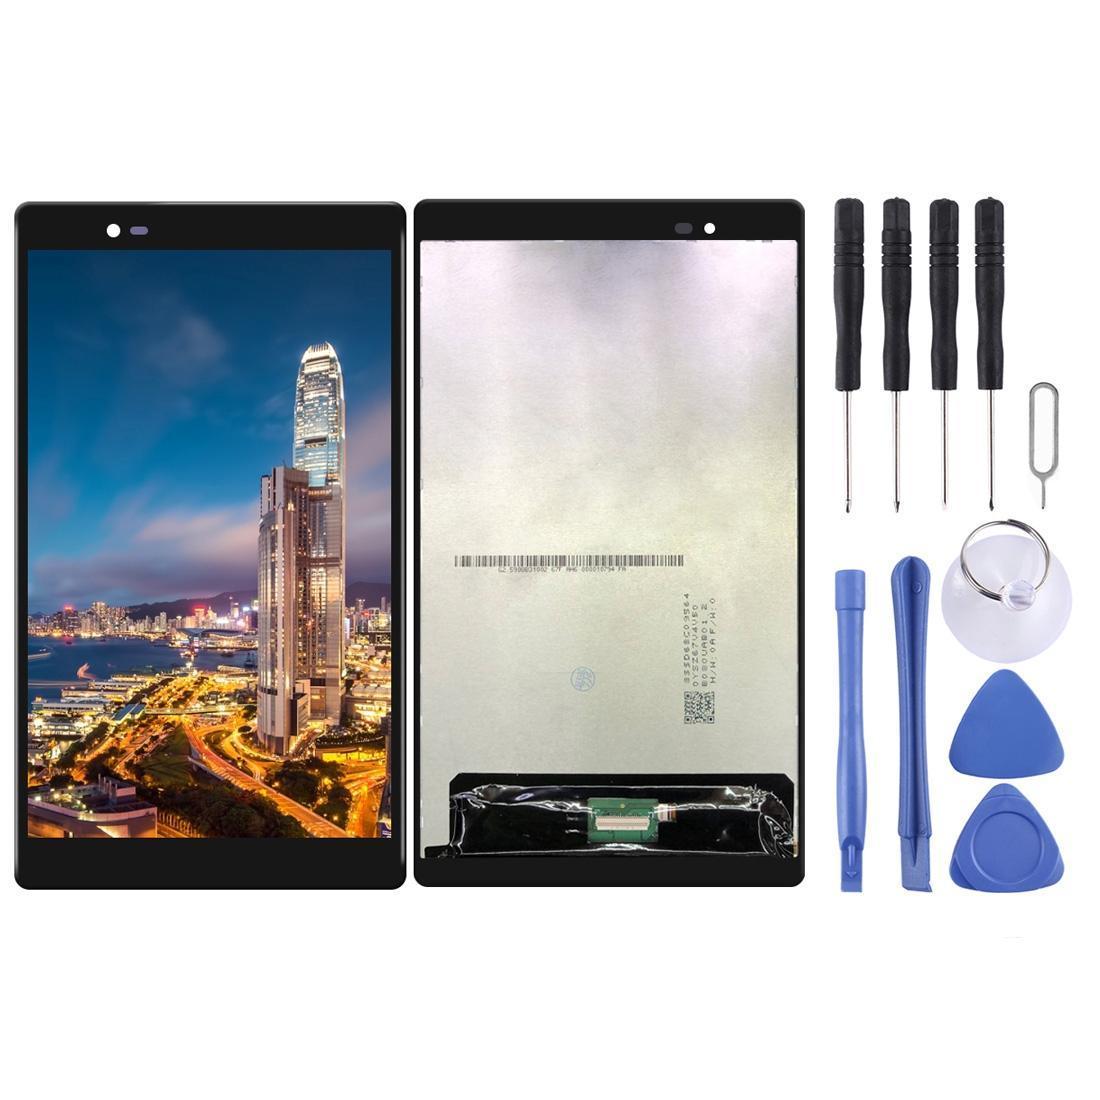 Lenovo tab3 8 Artı TB-8703 TB-8703F TB-8703N TB-8703X için LCD Ekran ve Sayısallaştırıcı Tam Meclisi